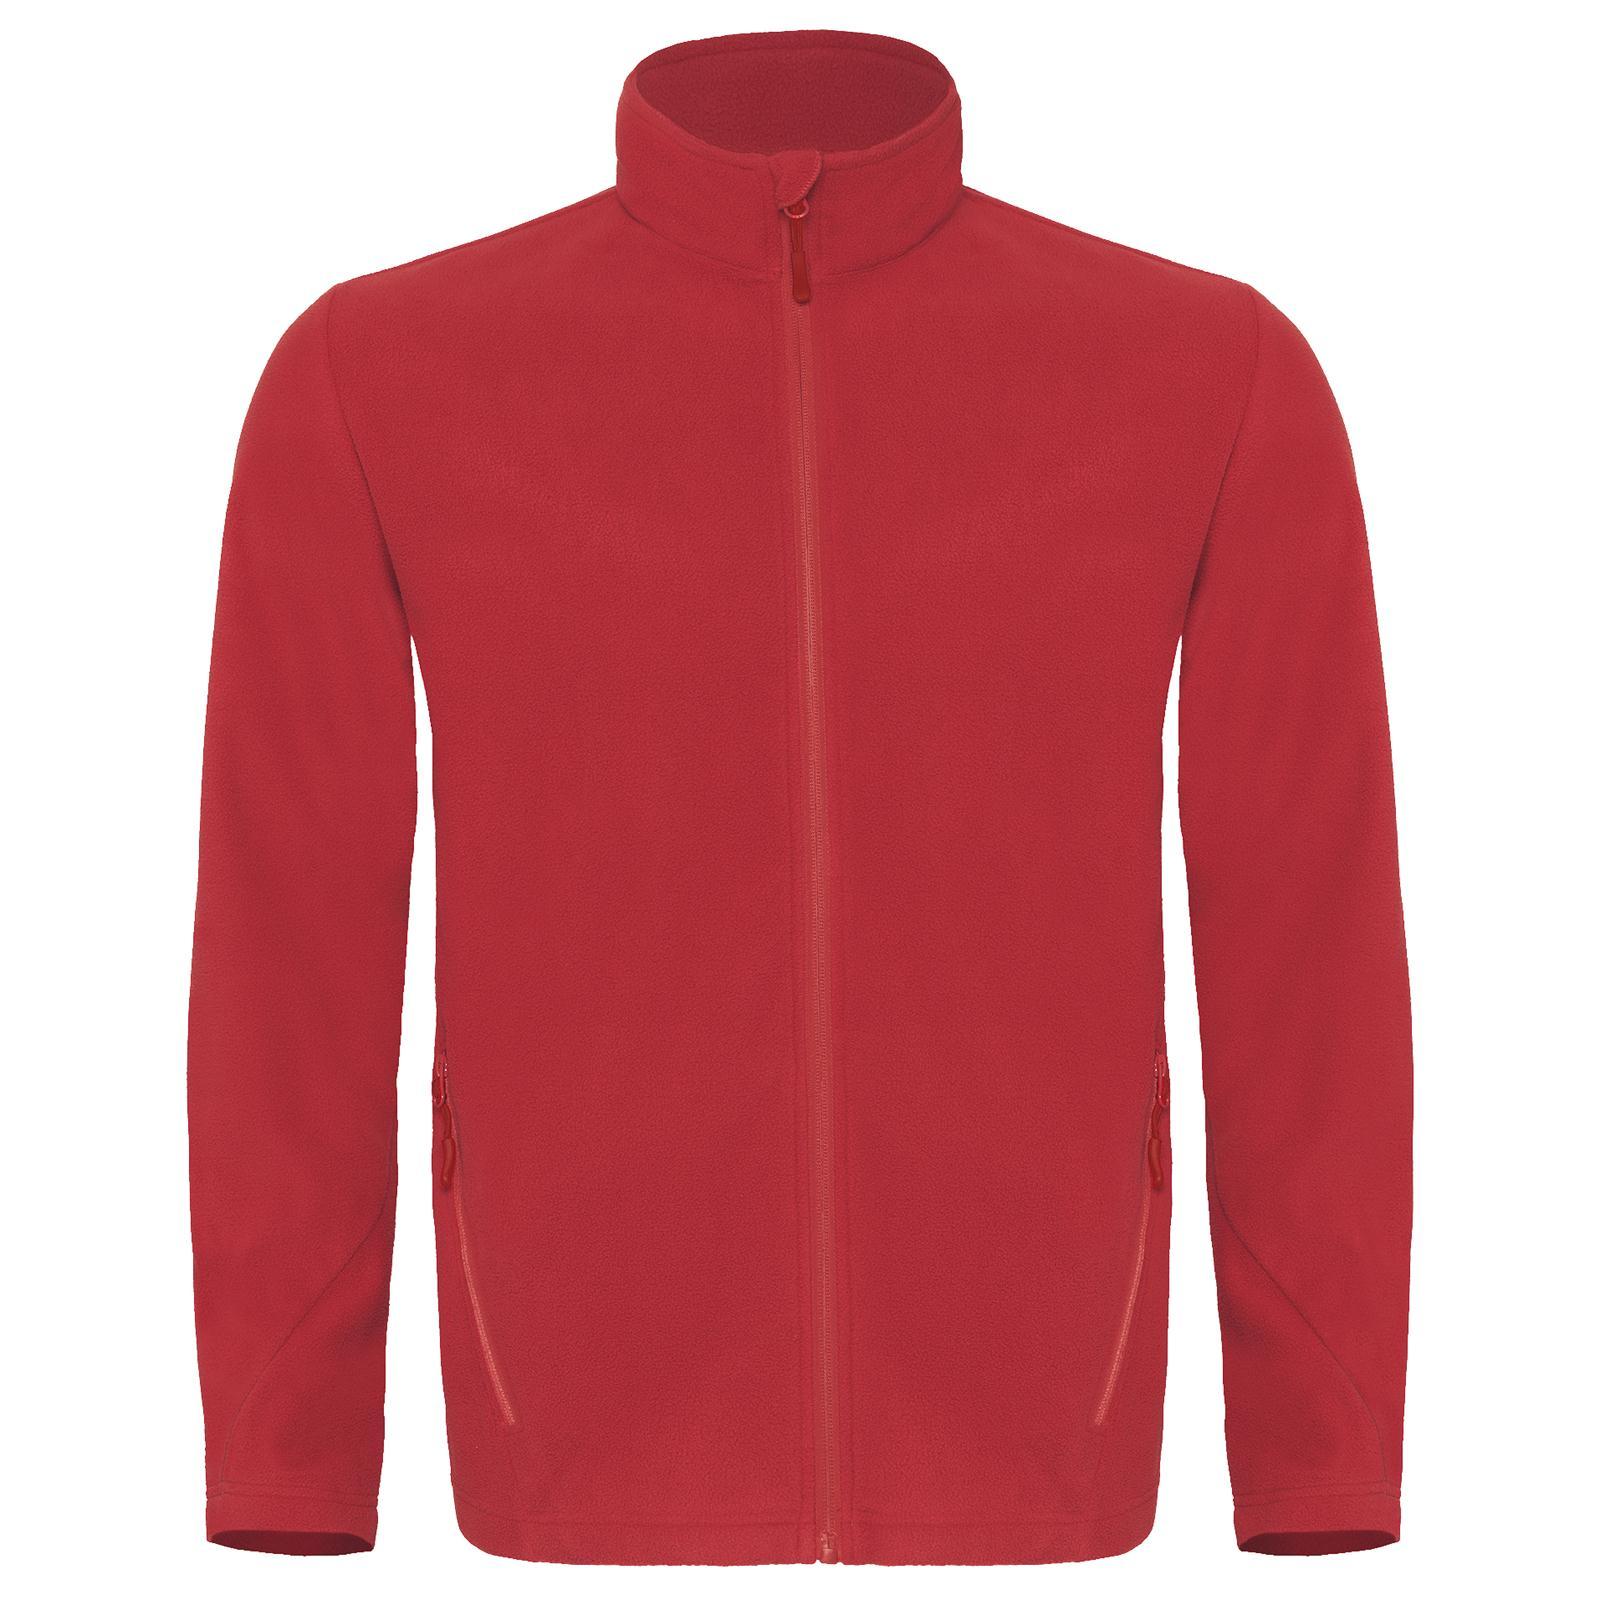 New B&C Mens Coolstar Full Zip Soft Micro Fleece Jacket in 4 ...